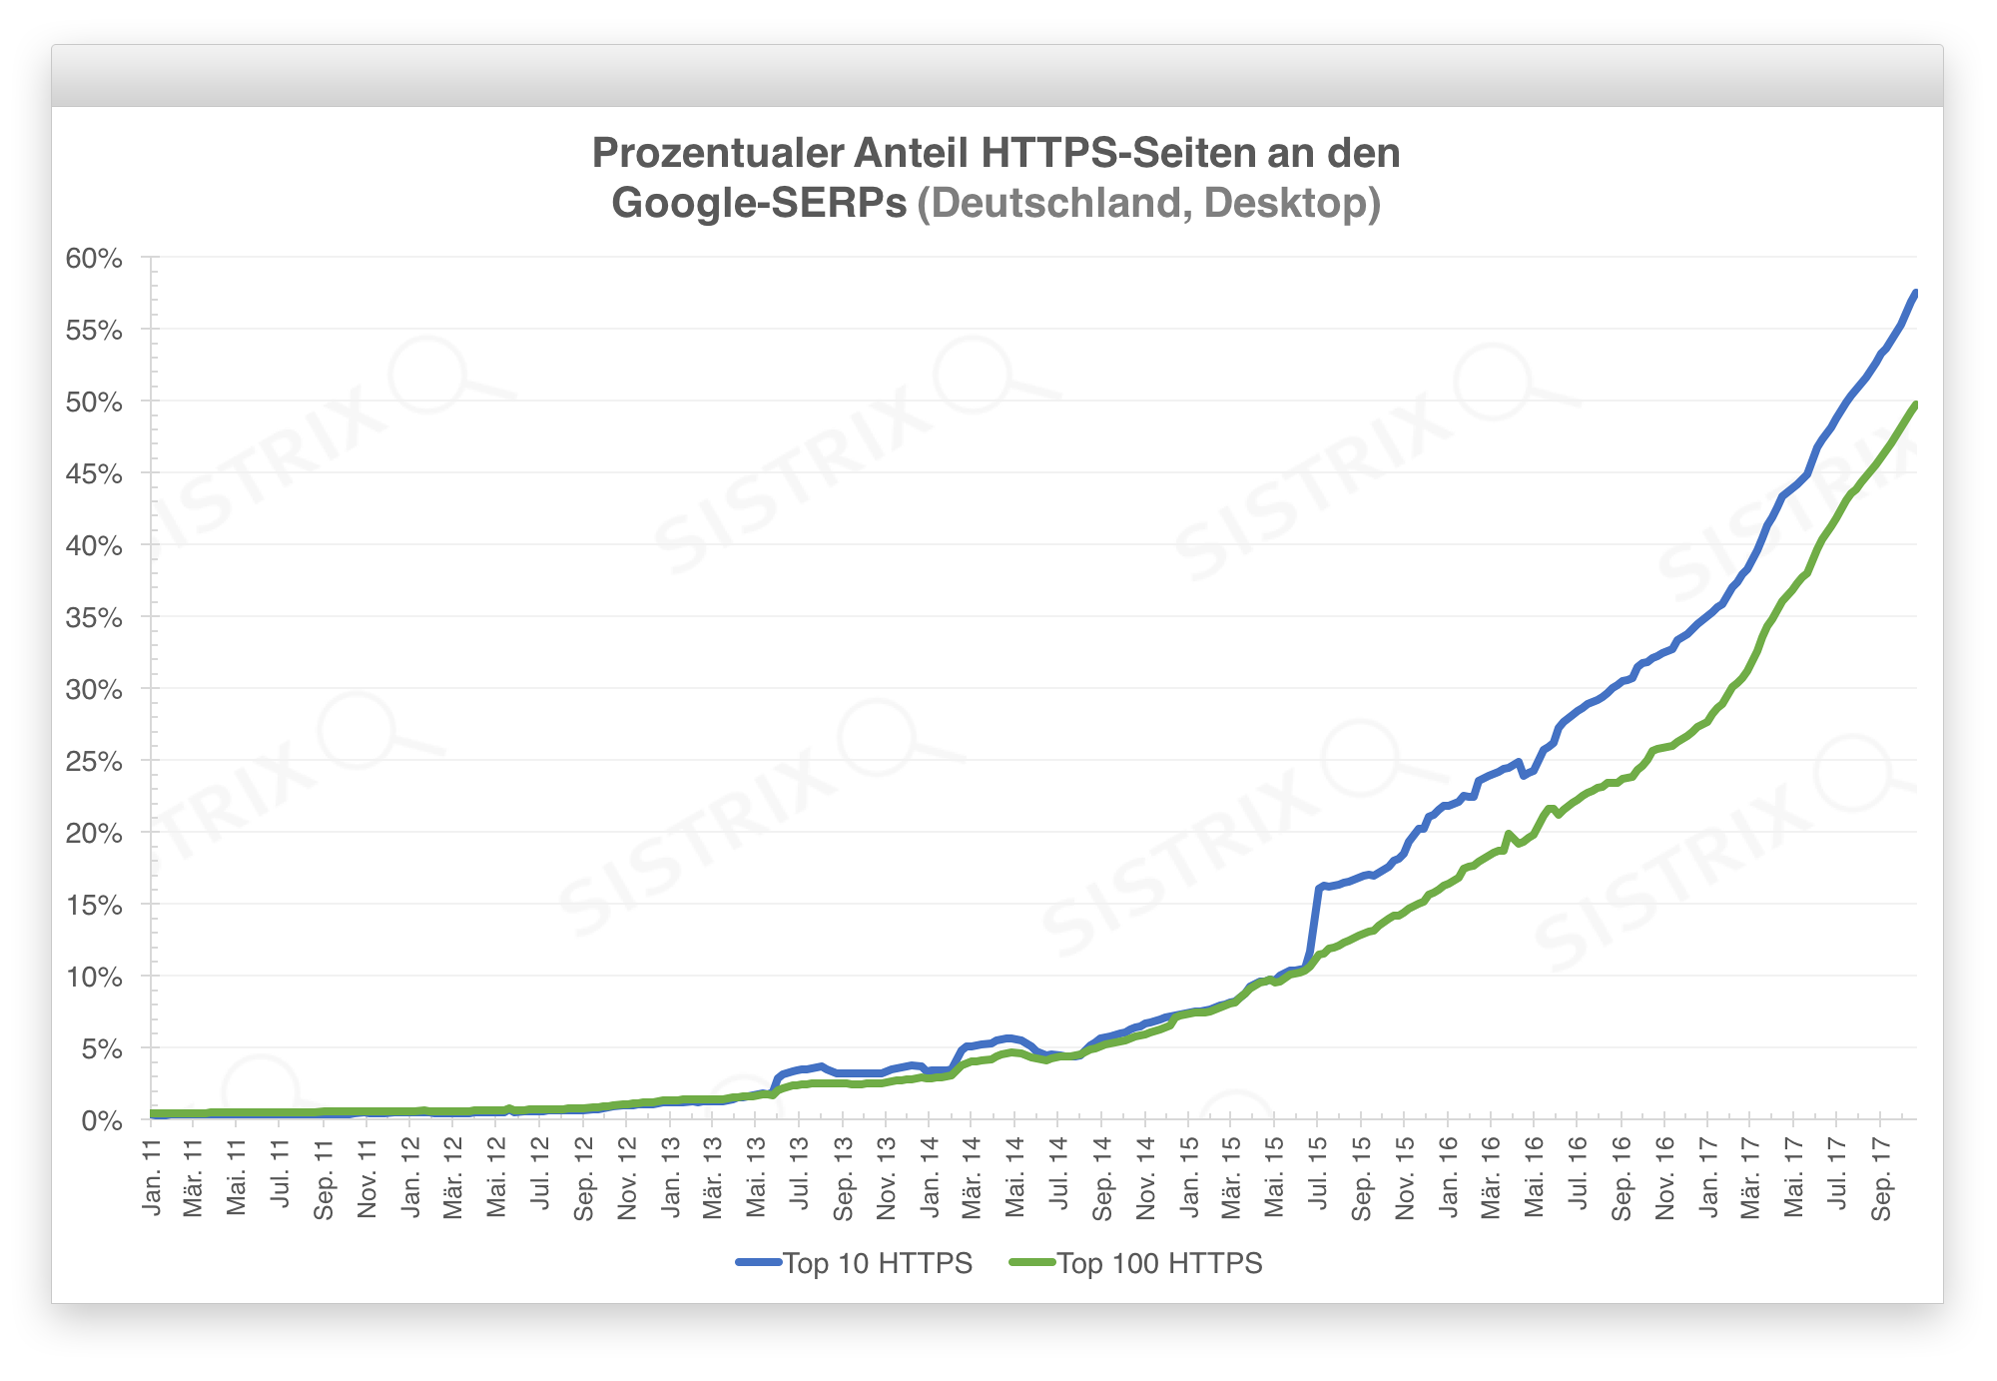 Verlauf des Anteils von HTTPS-Seiten an den Google-SERPs.